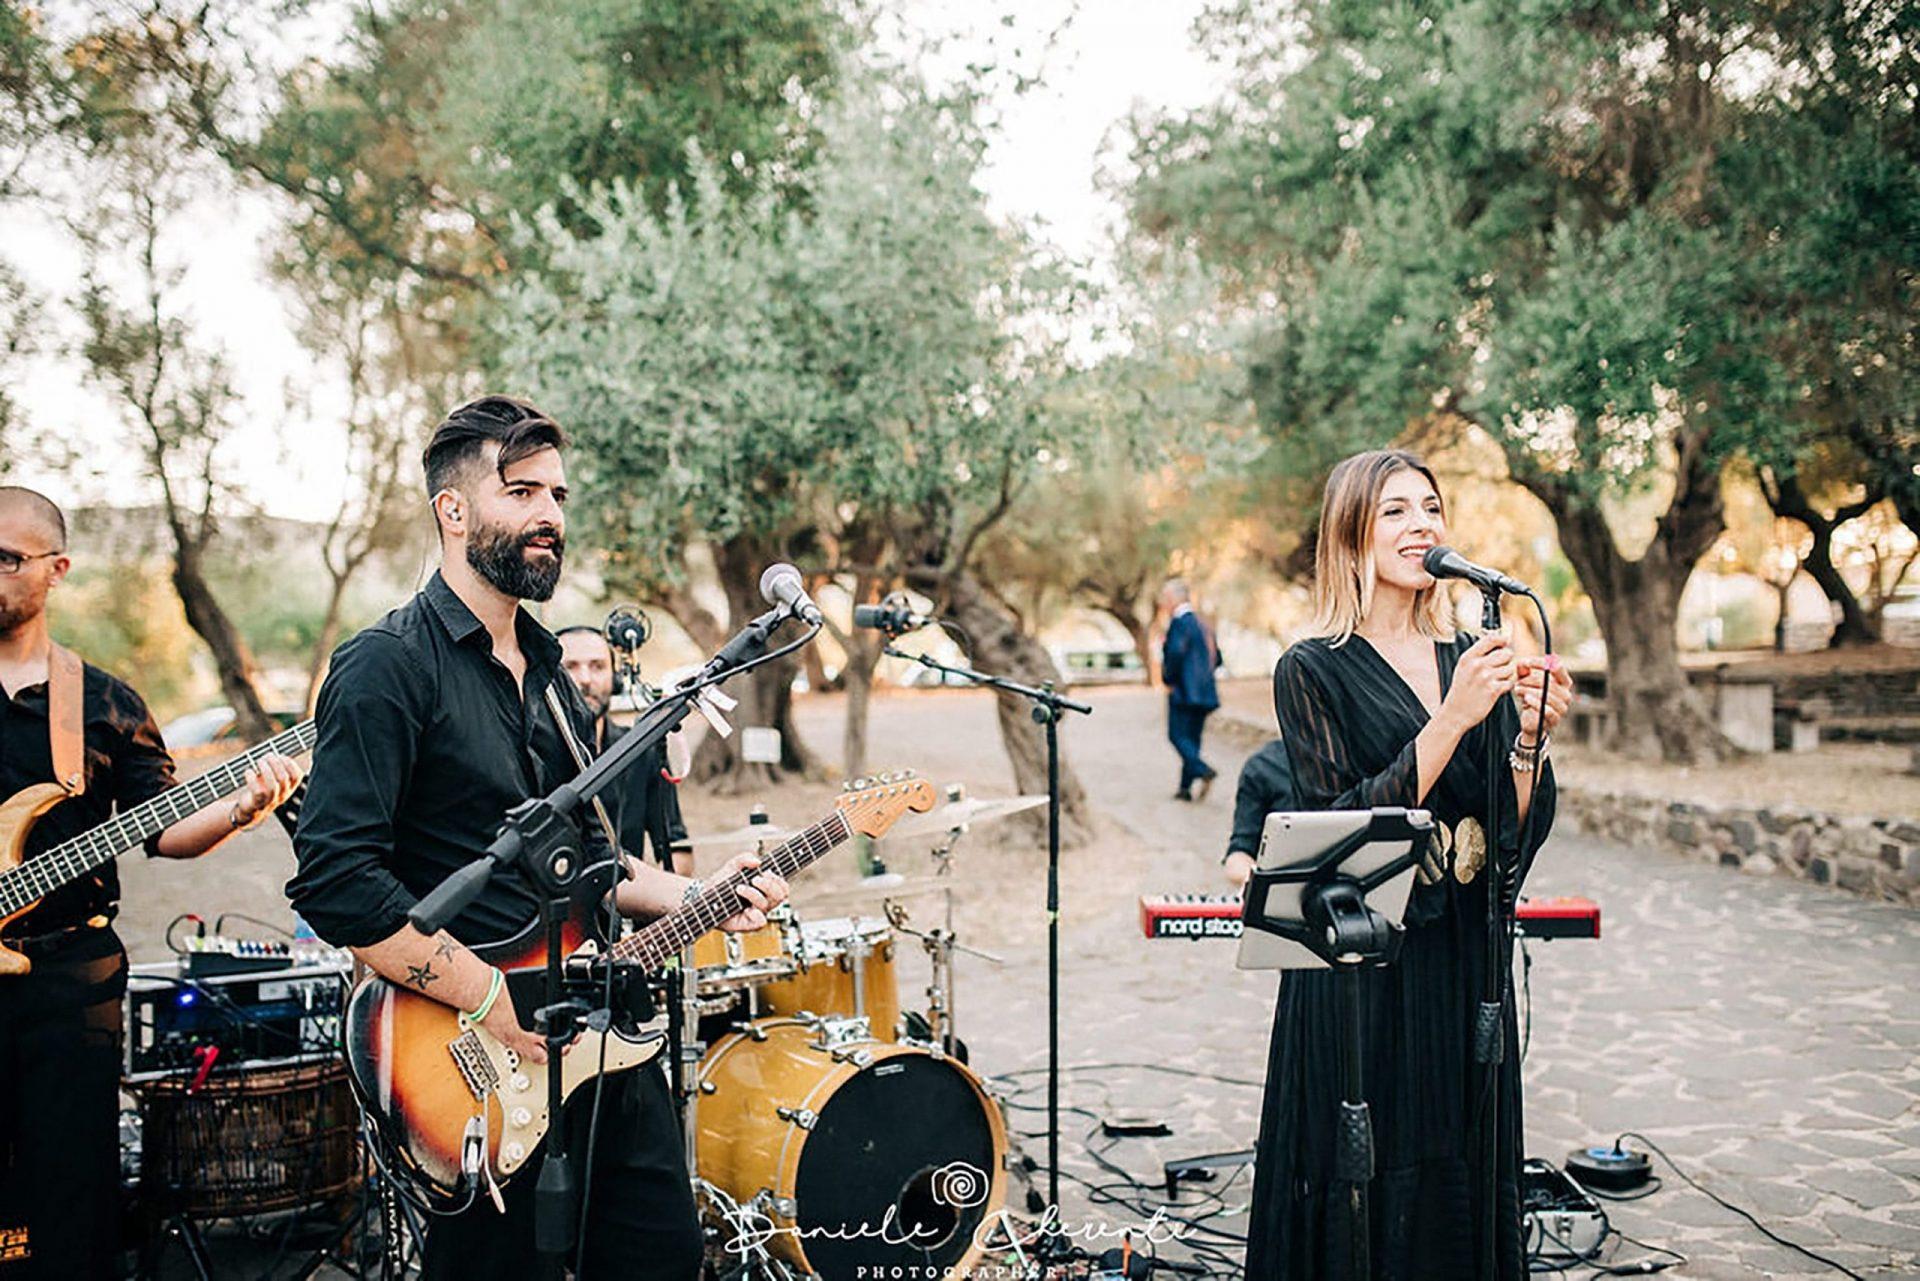 Marianna & Matteo, band